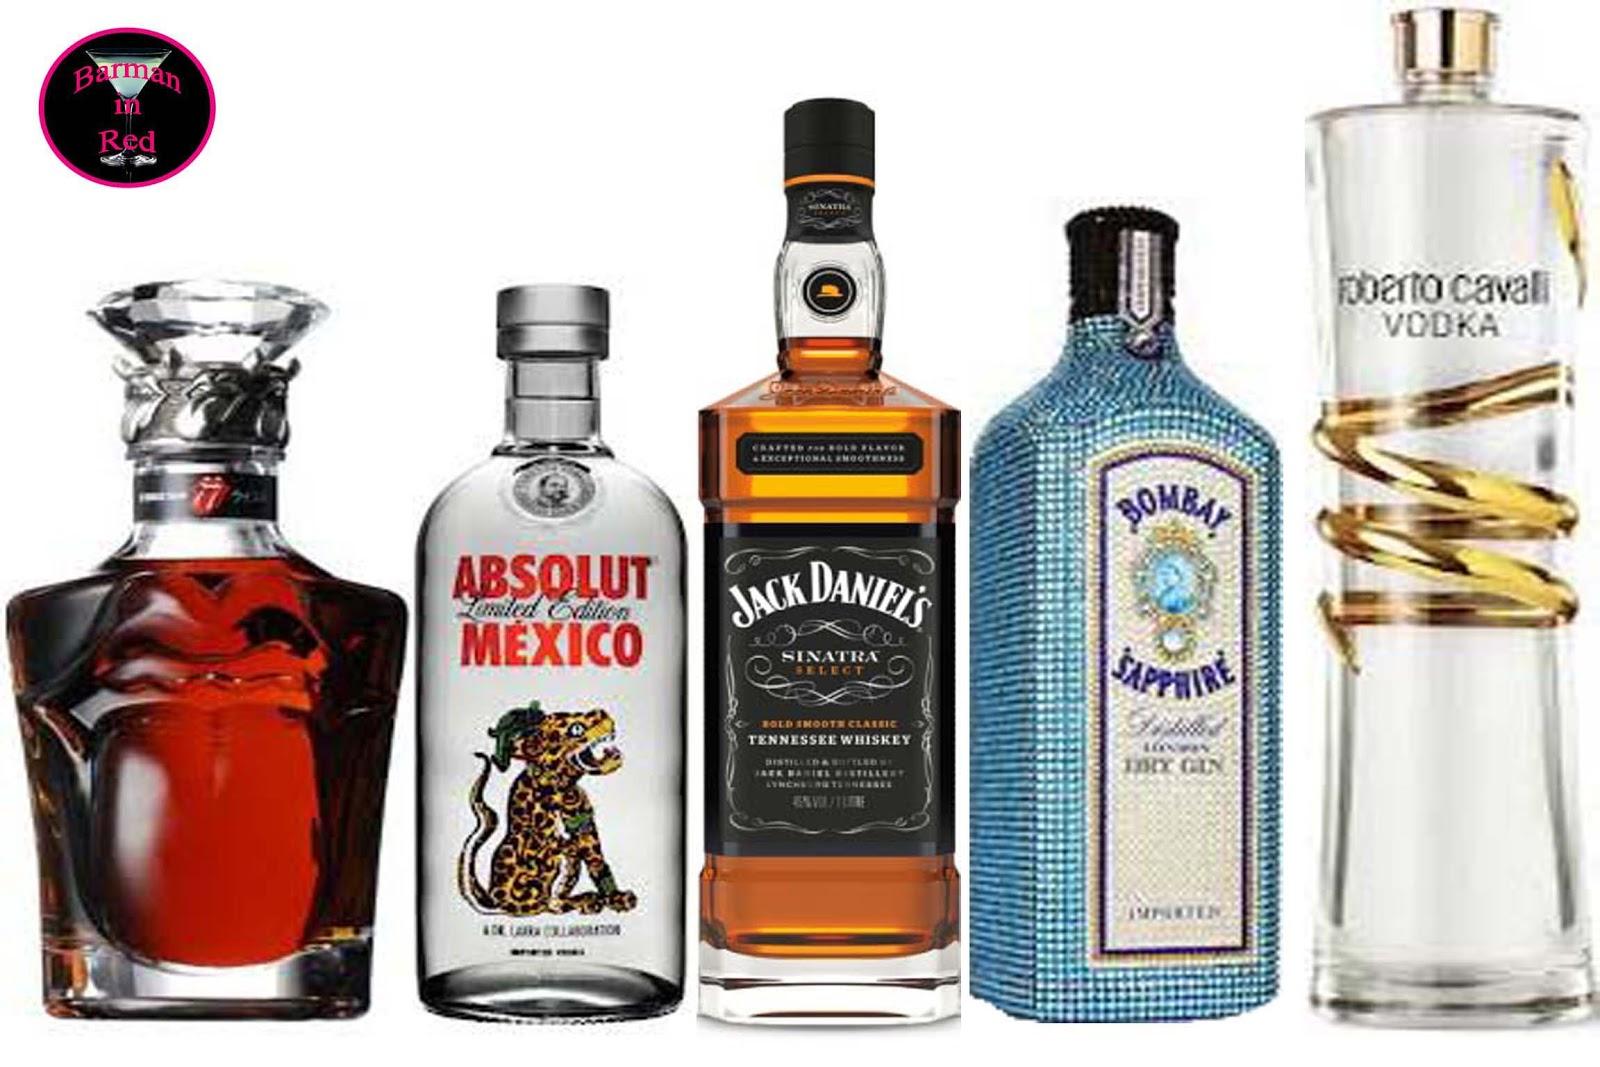 Las 10 mejores bebidas con alcohol del 2012 en edici n - Usos del alcohol ...